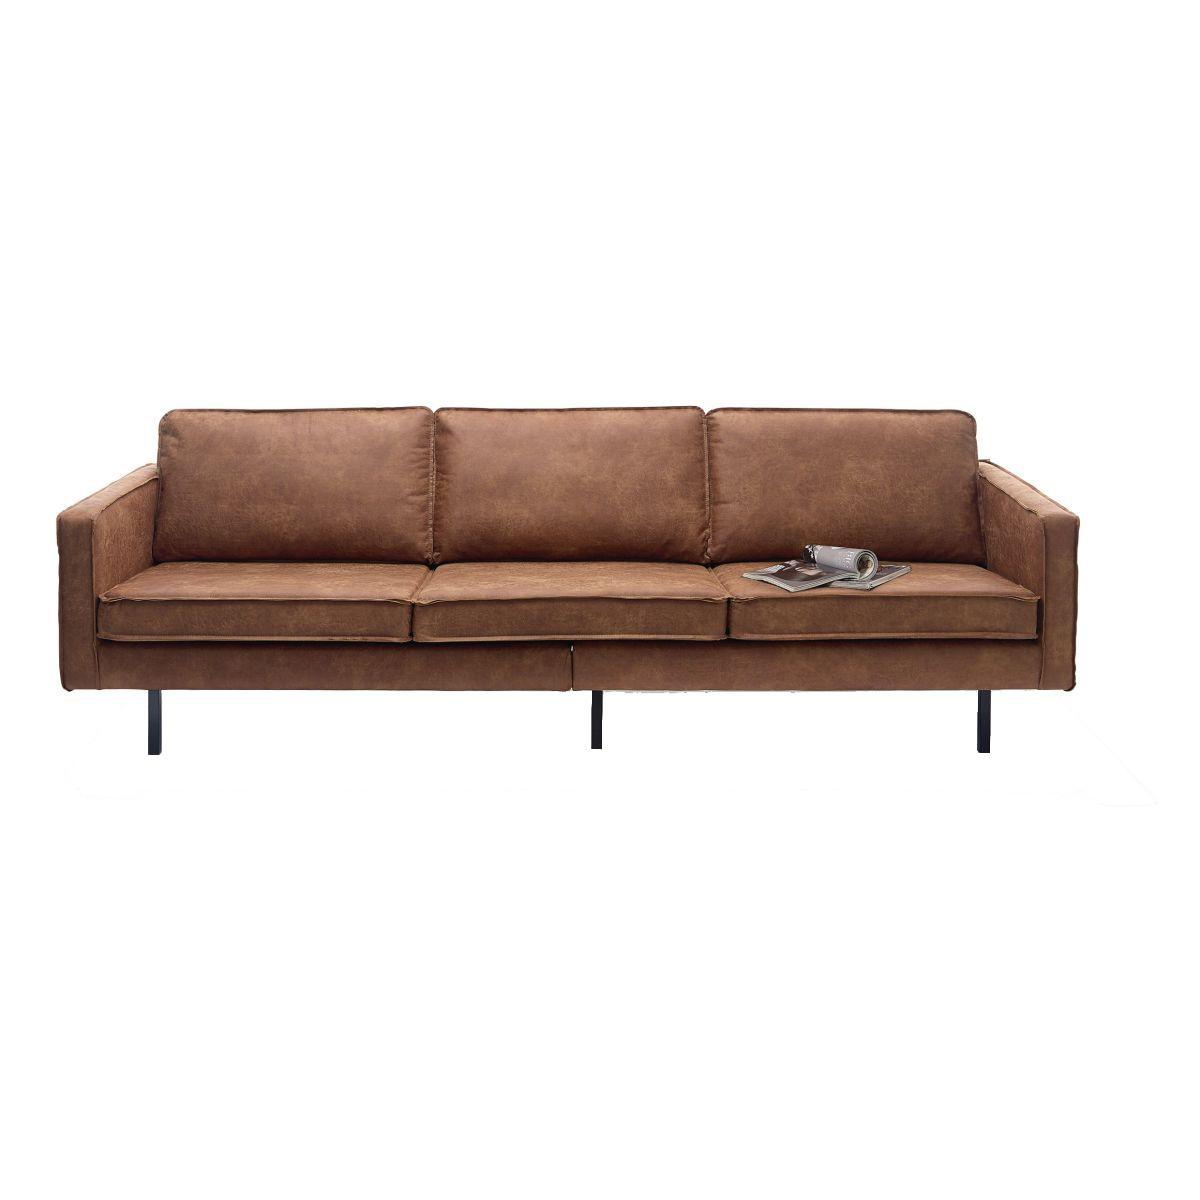 Perfekt Robust Und Stylisch   Die Couch Aus Leder Ist Ein Absoluter Hingucker Und  Dazu Noch Höchst · CouchSofasLeader